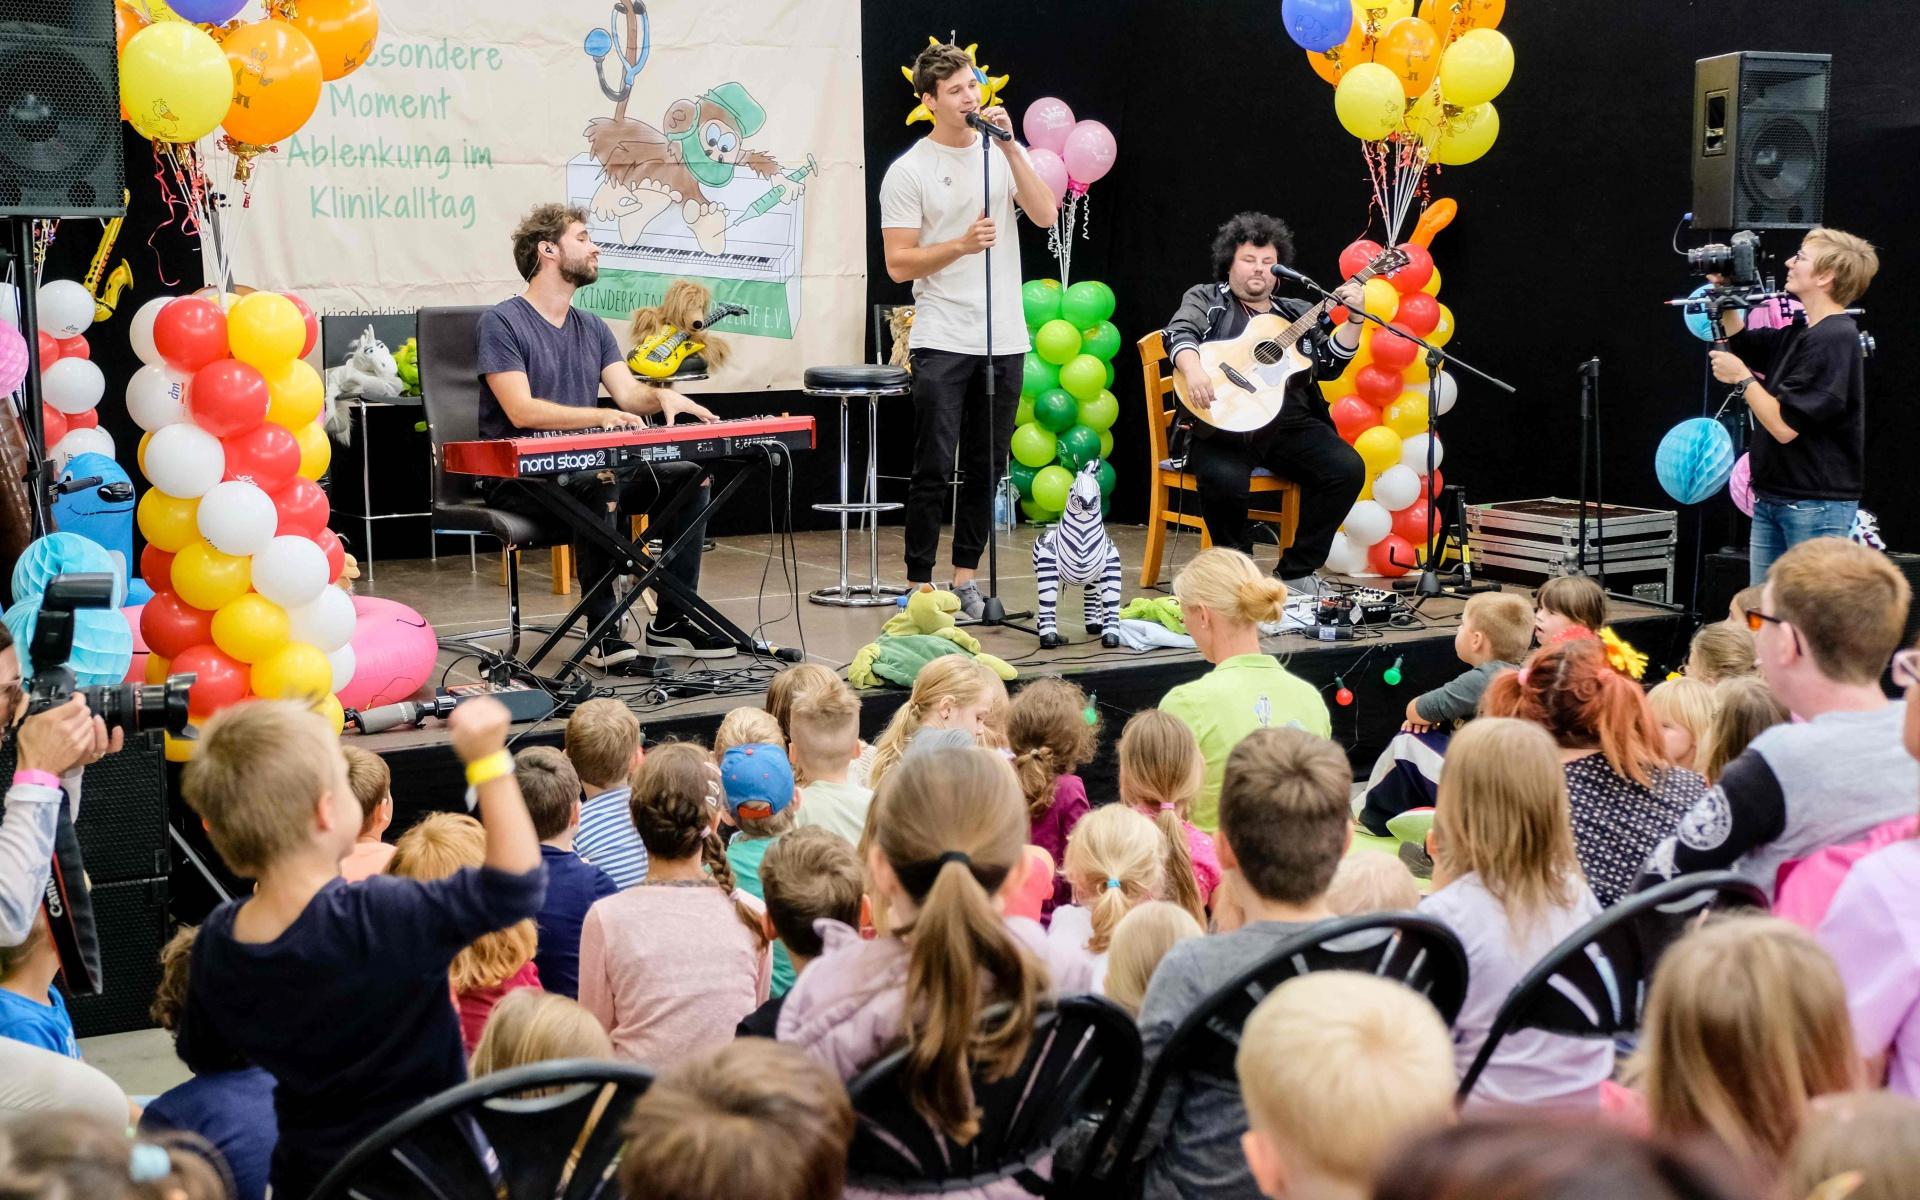 Große Begeisterung bei den Kindern, als Wincent Weiss und seine Band auf die Bühne kommen und einige Lieder spielen. Foto: Andreas Lander.